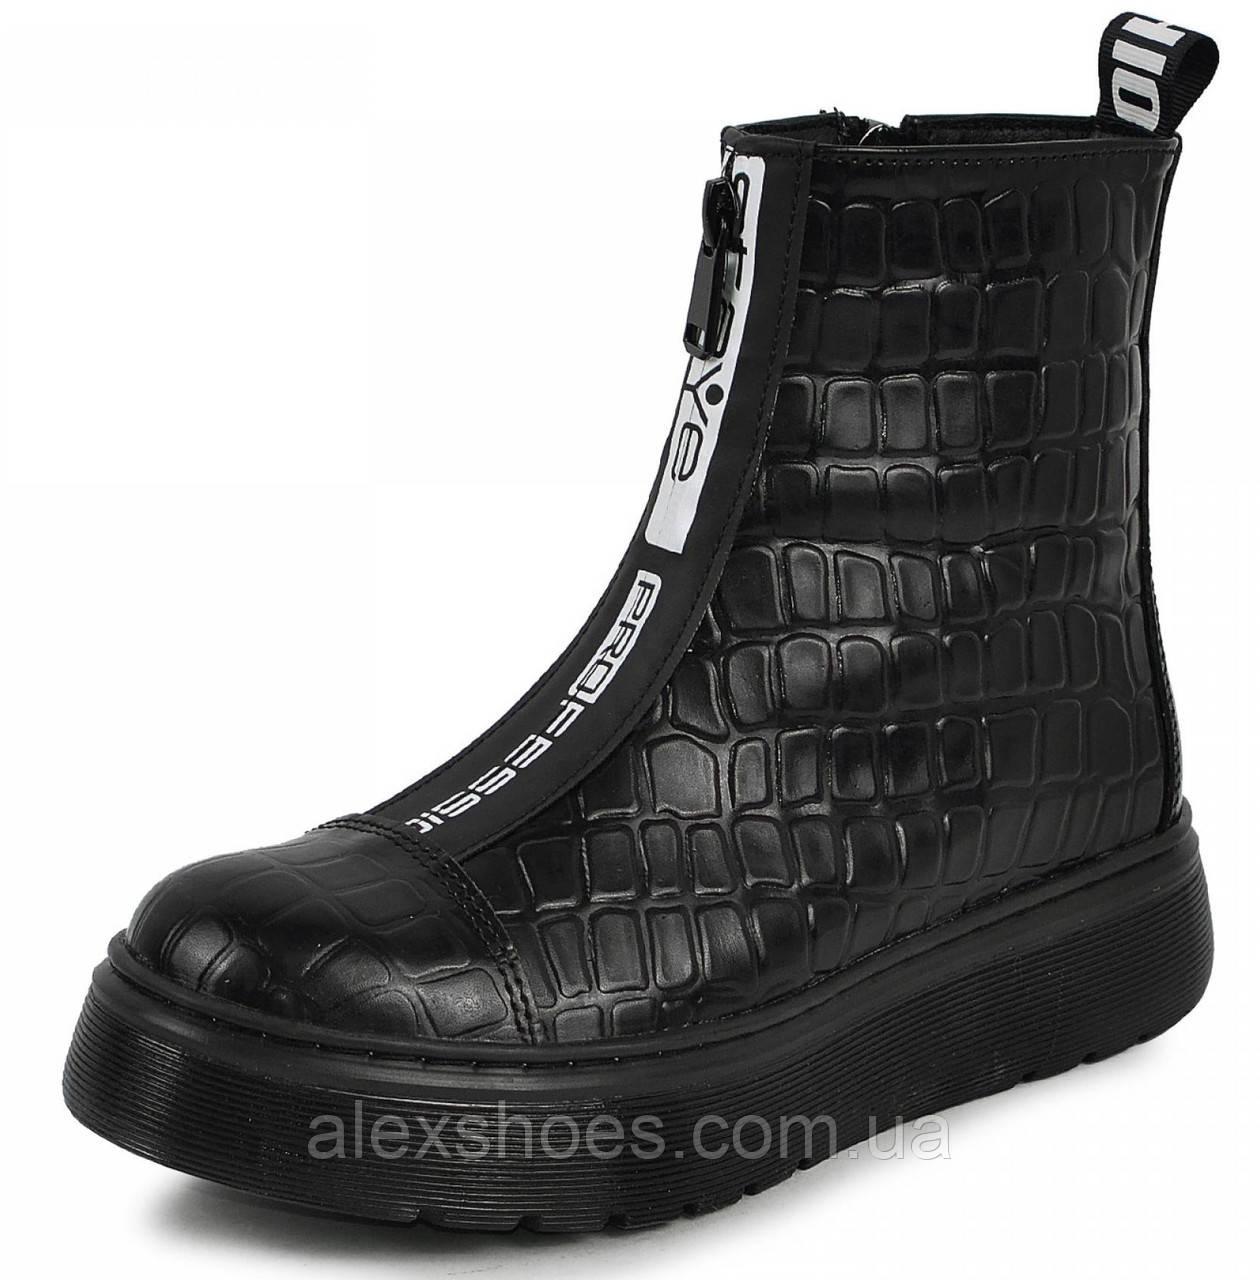 Ботинки подростковые для девочки из натуральной кожи от производителя модель МАК1868